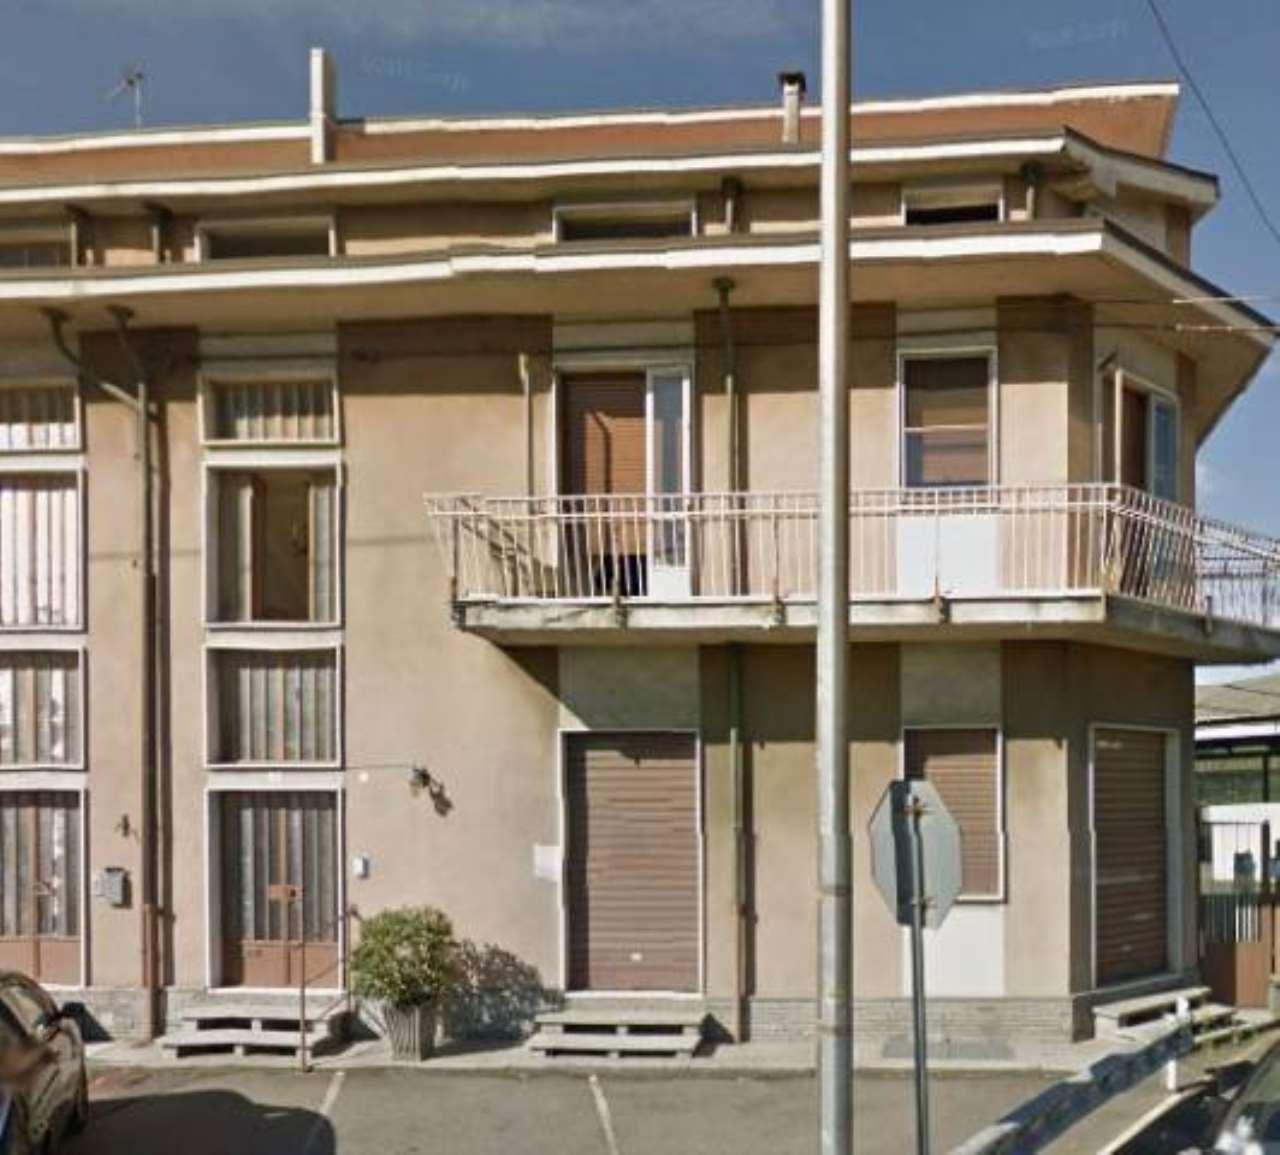 Negozio / Locale in vendita a Nole, 1 locali, prezzo € 178.000 | CambioCasa.it